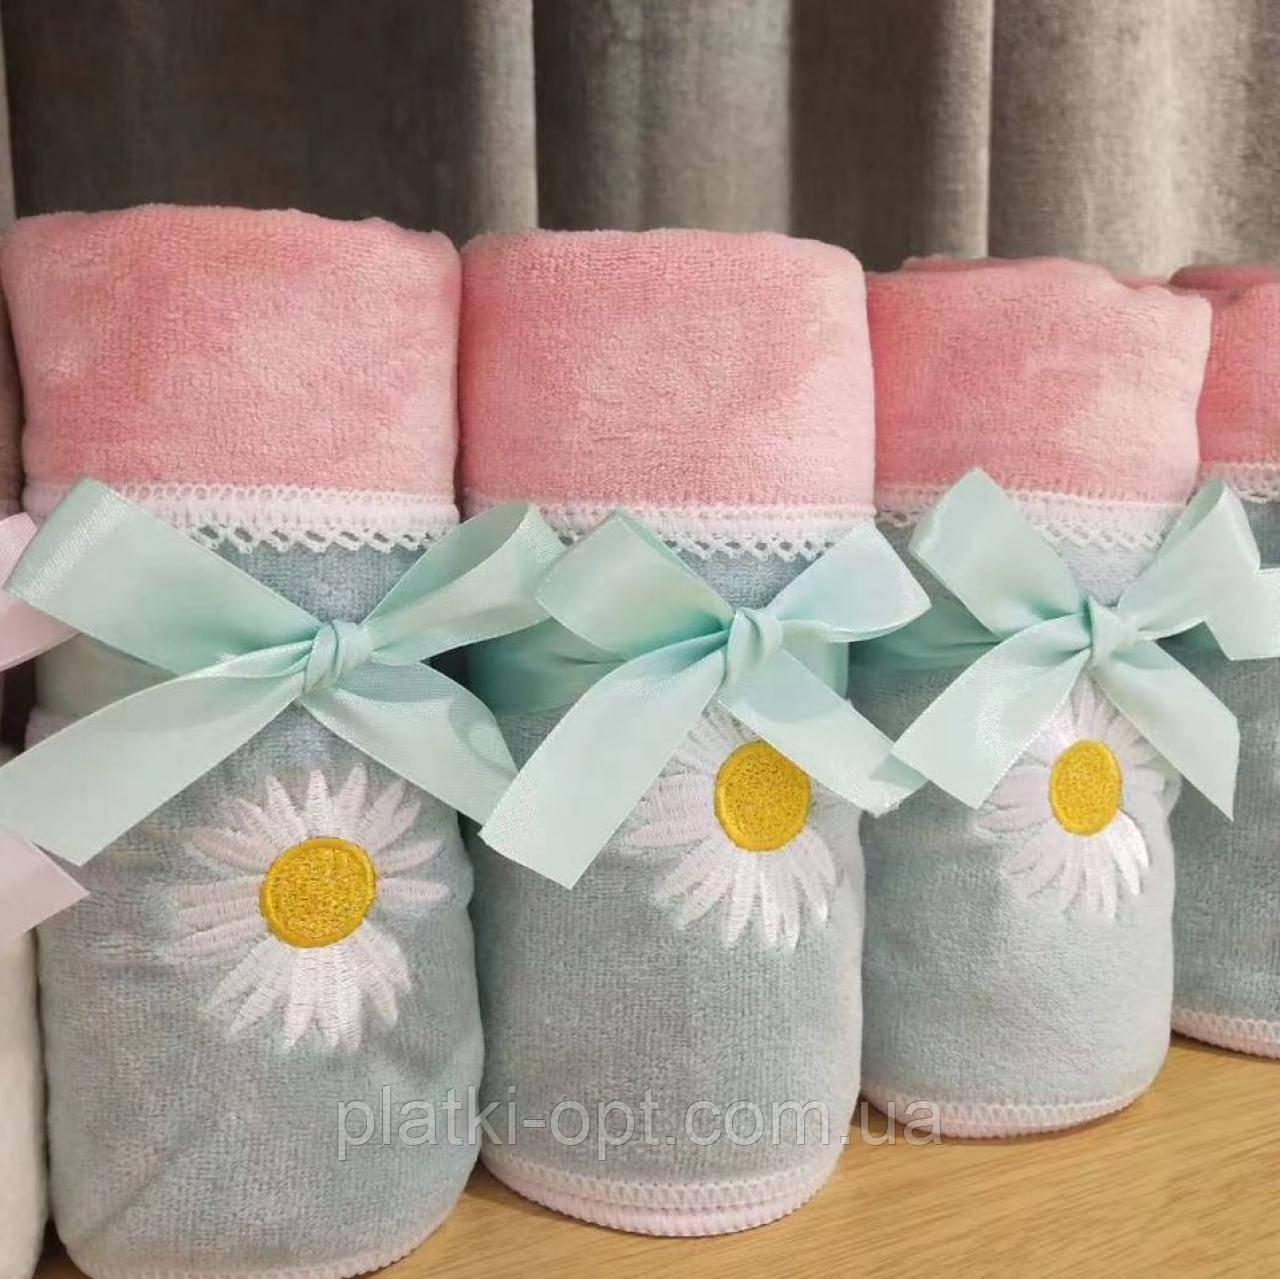 Комплект полотенец Ромашка (микрофибра) розовый+бирюза